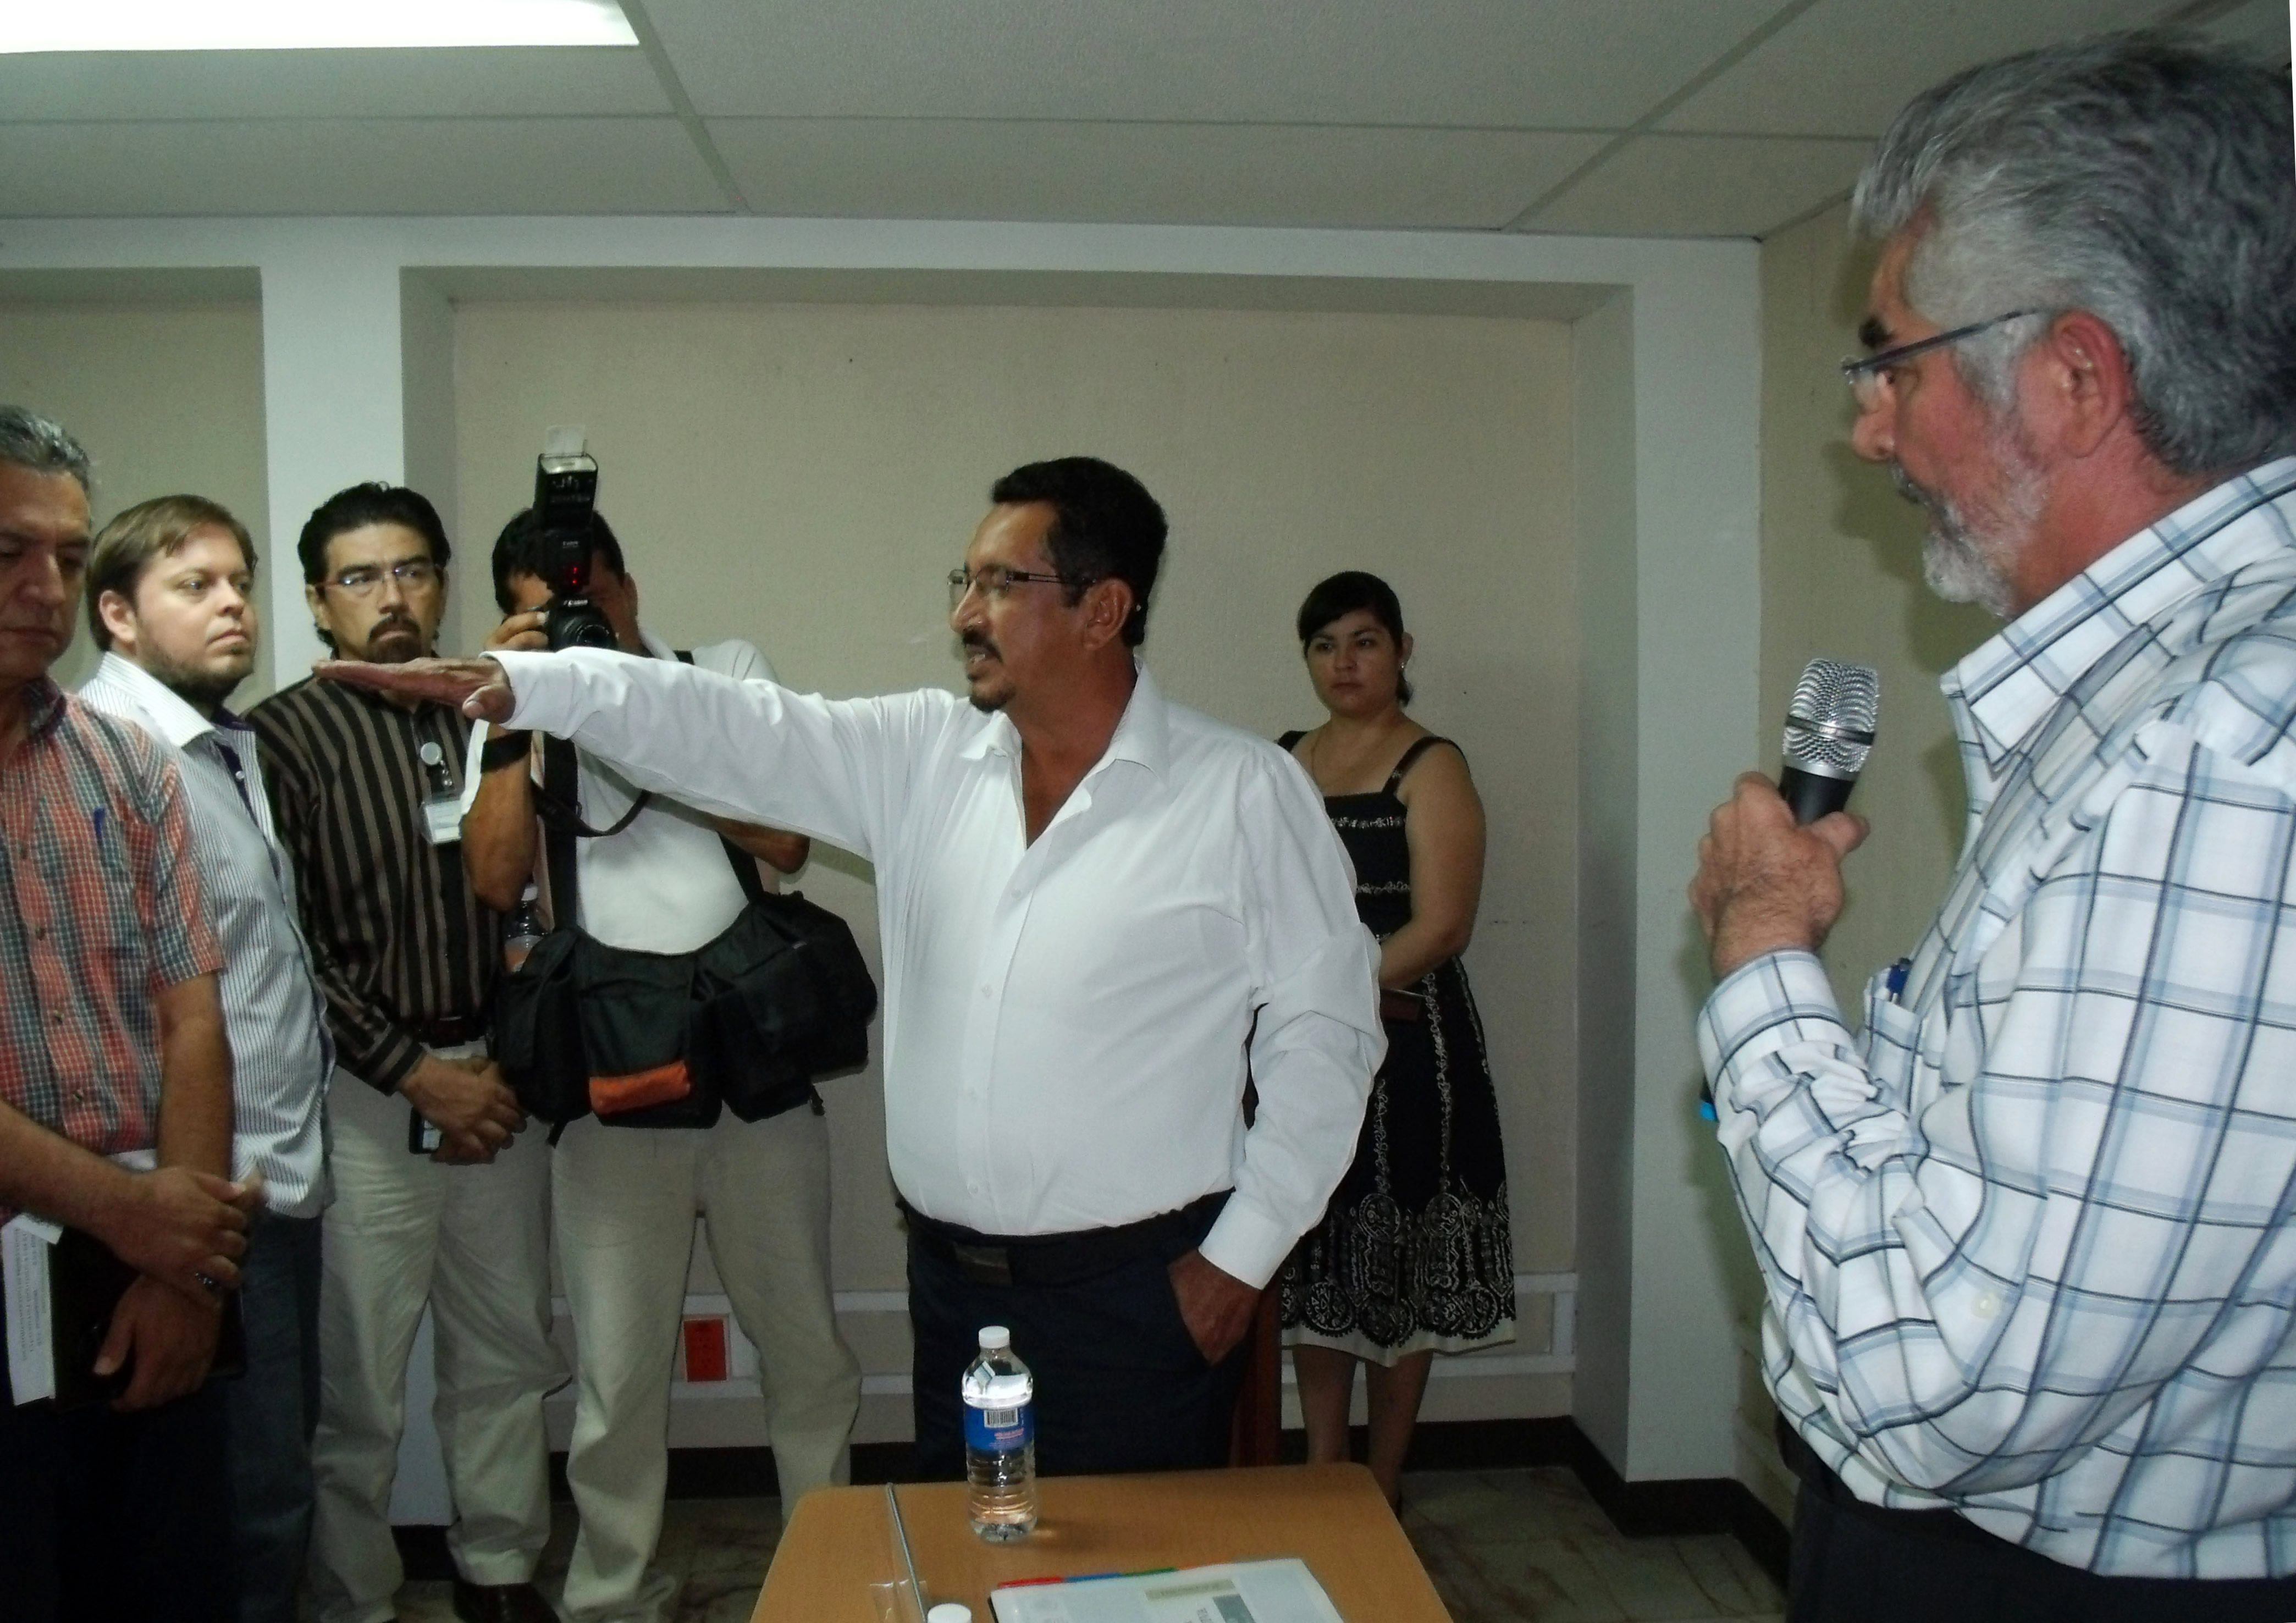 arlos Hernández Reyes tomó protesta hoy como nuevo delegado de la Secretaría de Agricultura, Ganadería Desarrollo Rural, Pesca y Alimentación (SAGARPA) en el estado de Tabasco.